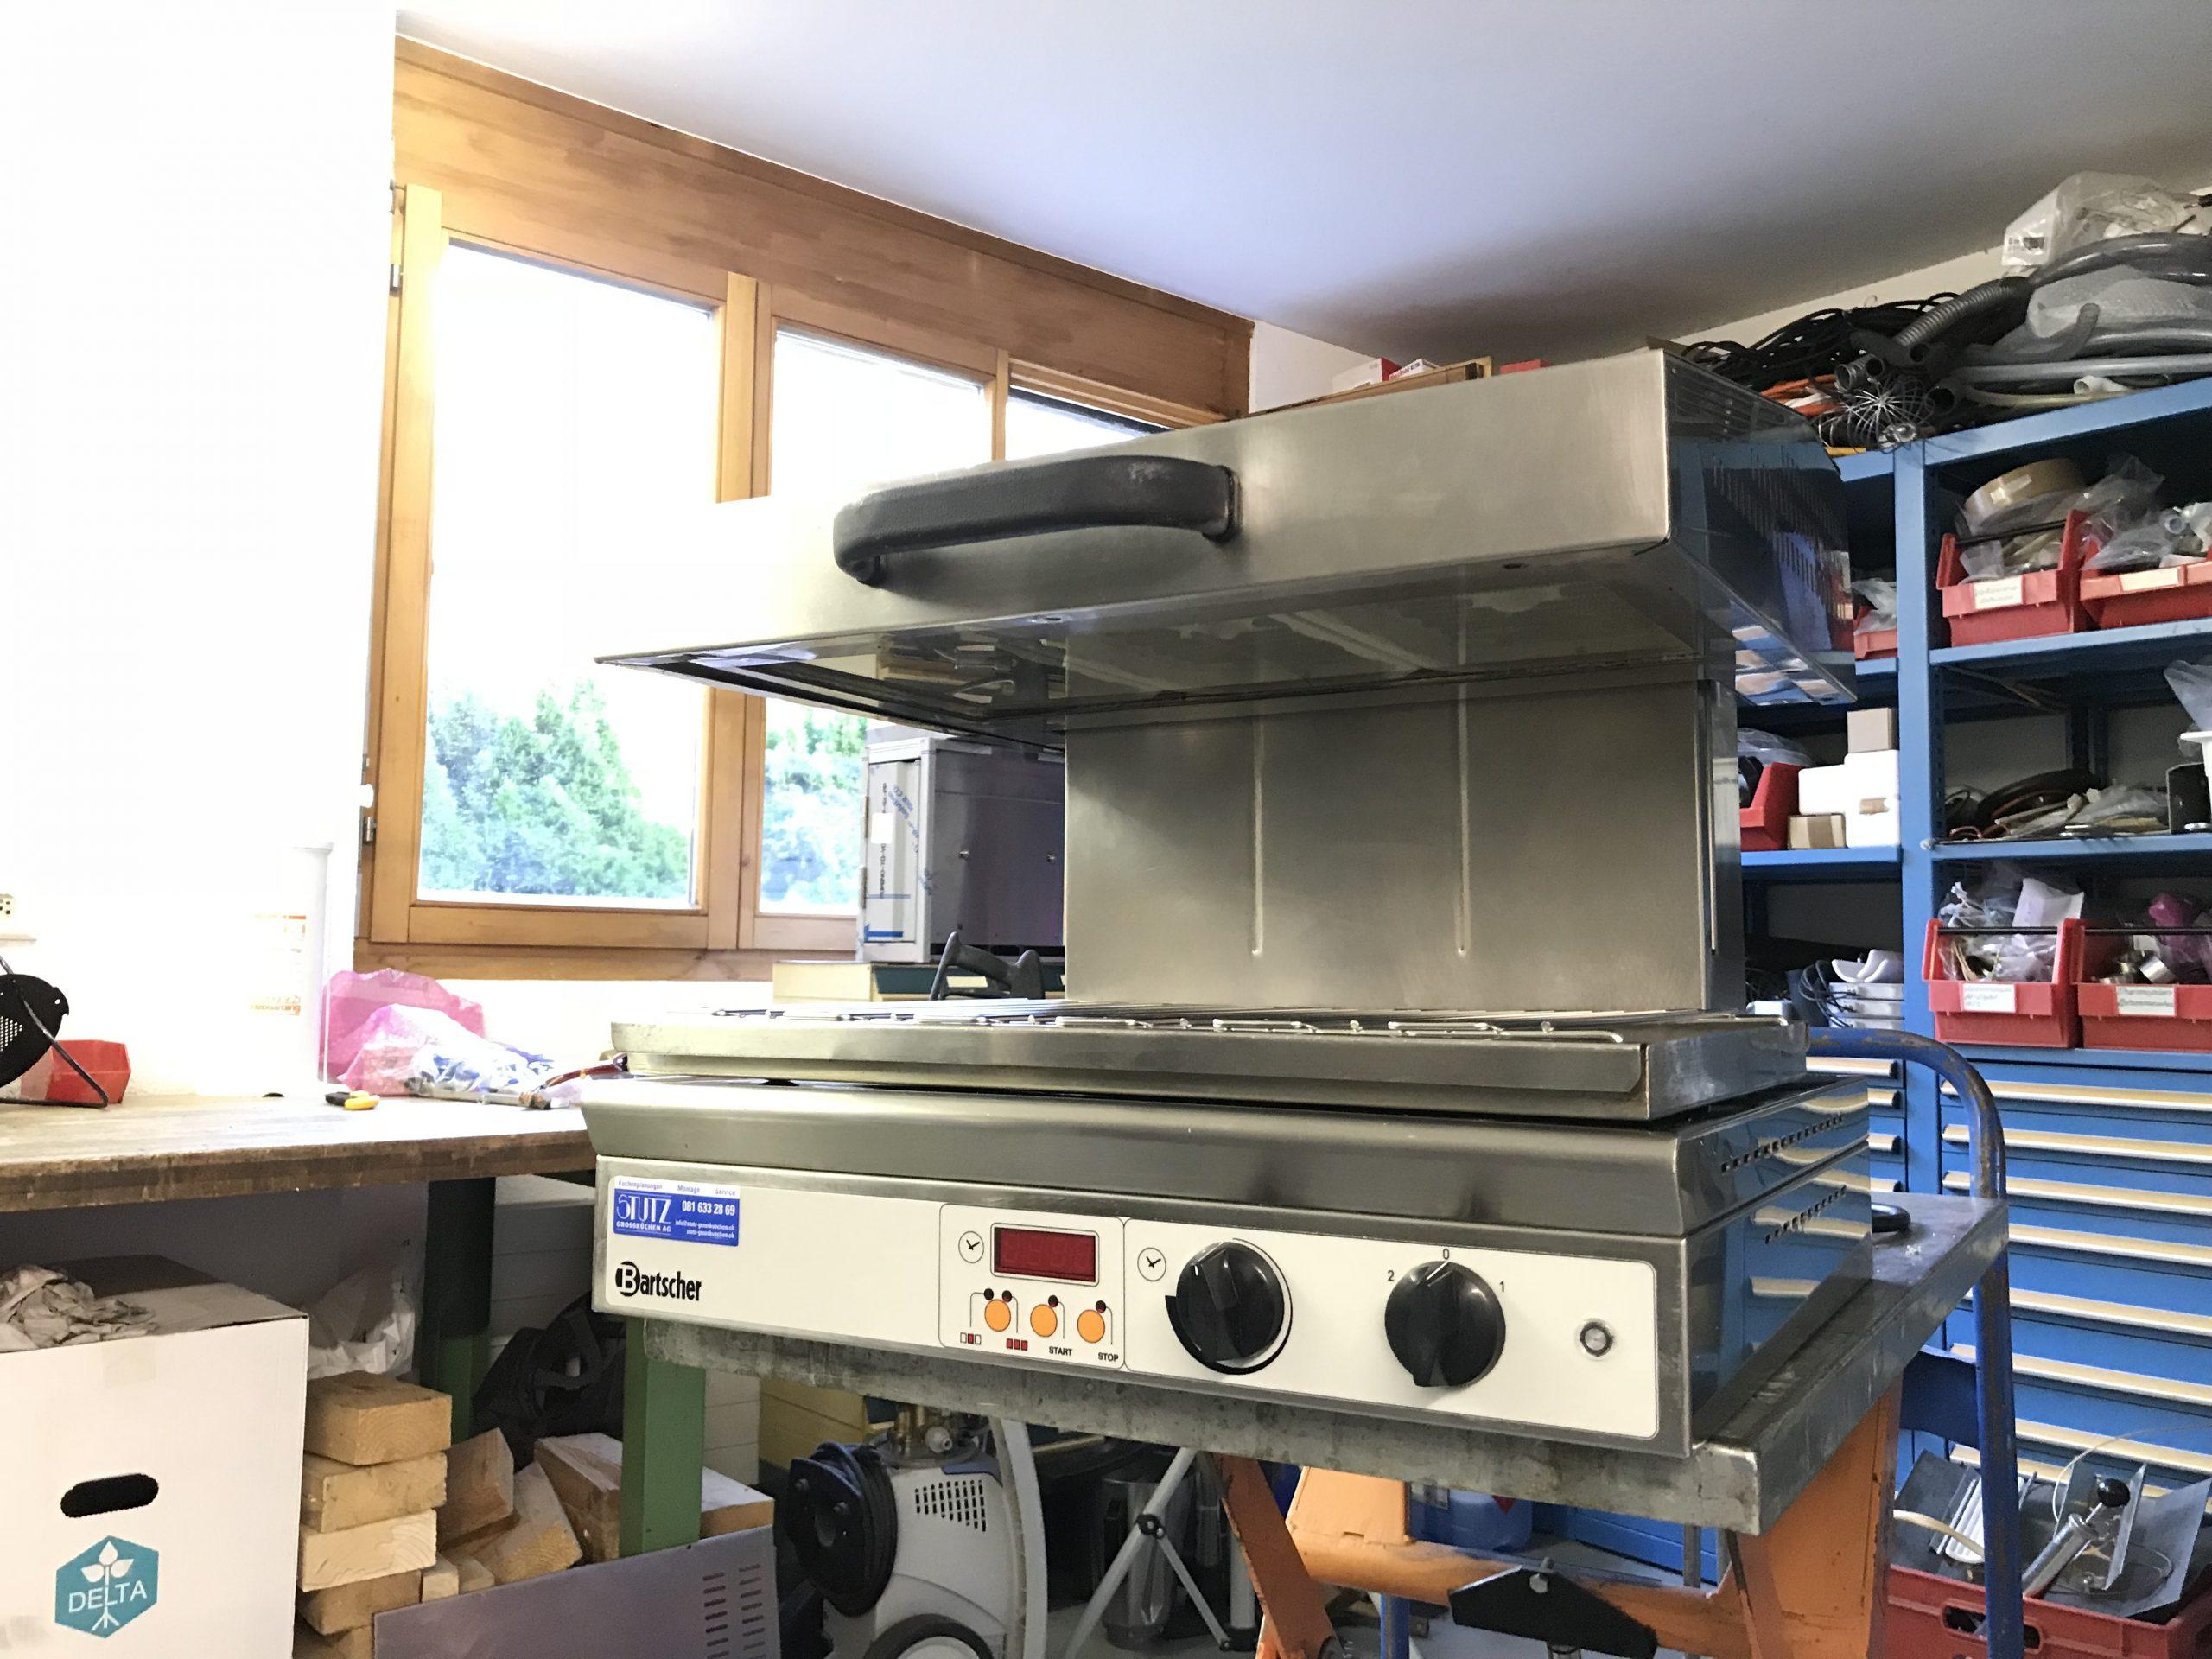 Full Size of Salamander Küche Gebraucht Salamander Küche Amazon Salamander Küche Temperatur Salamander Küche Bartscher Küche Salamander Küche